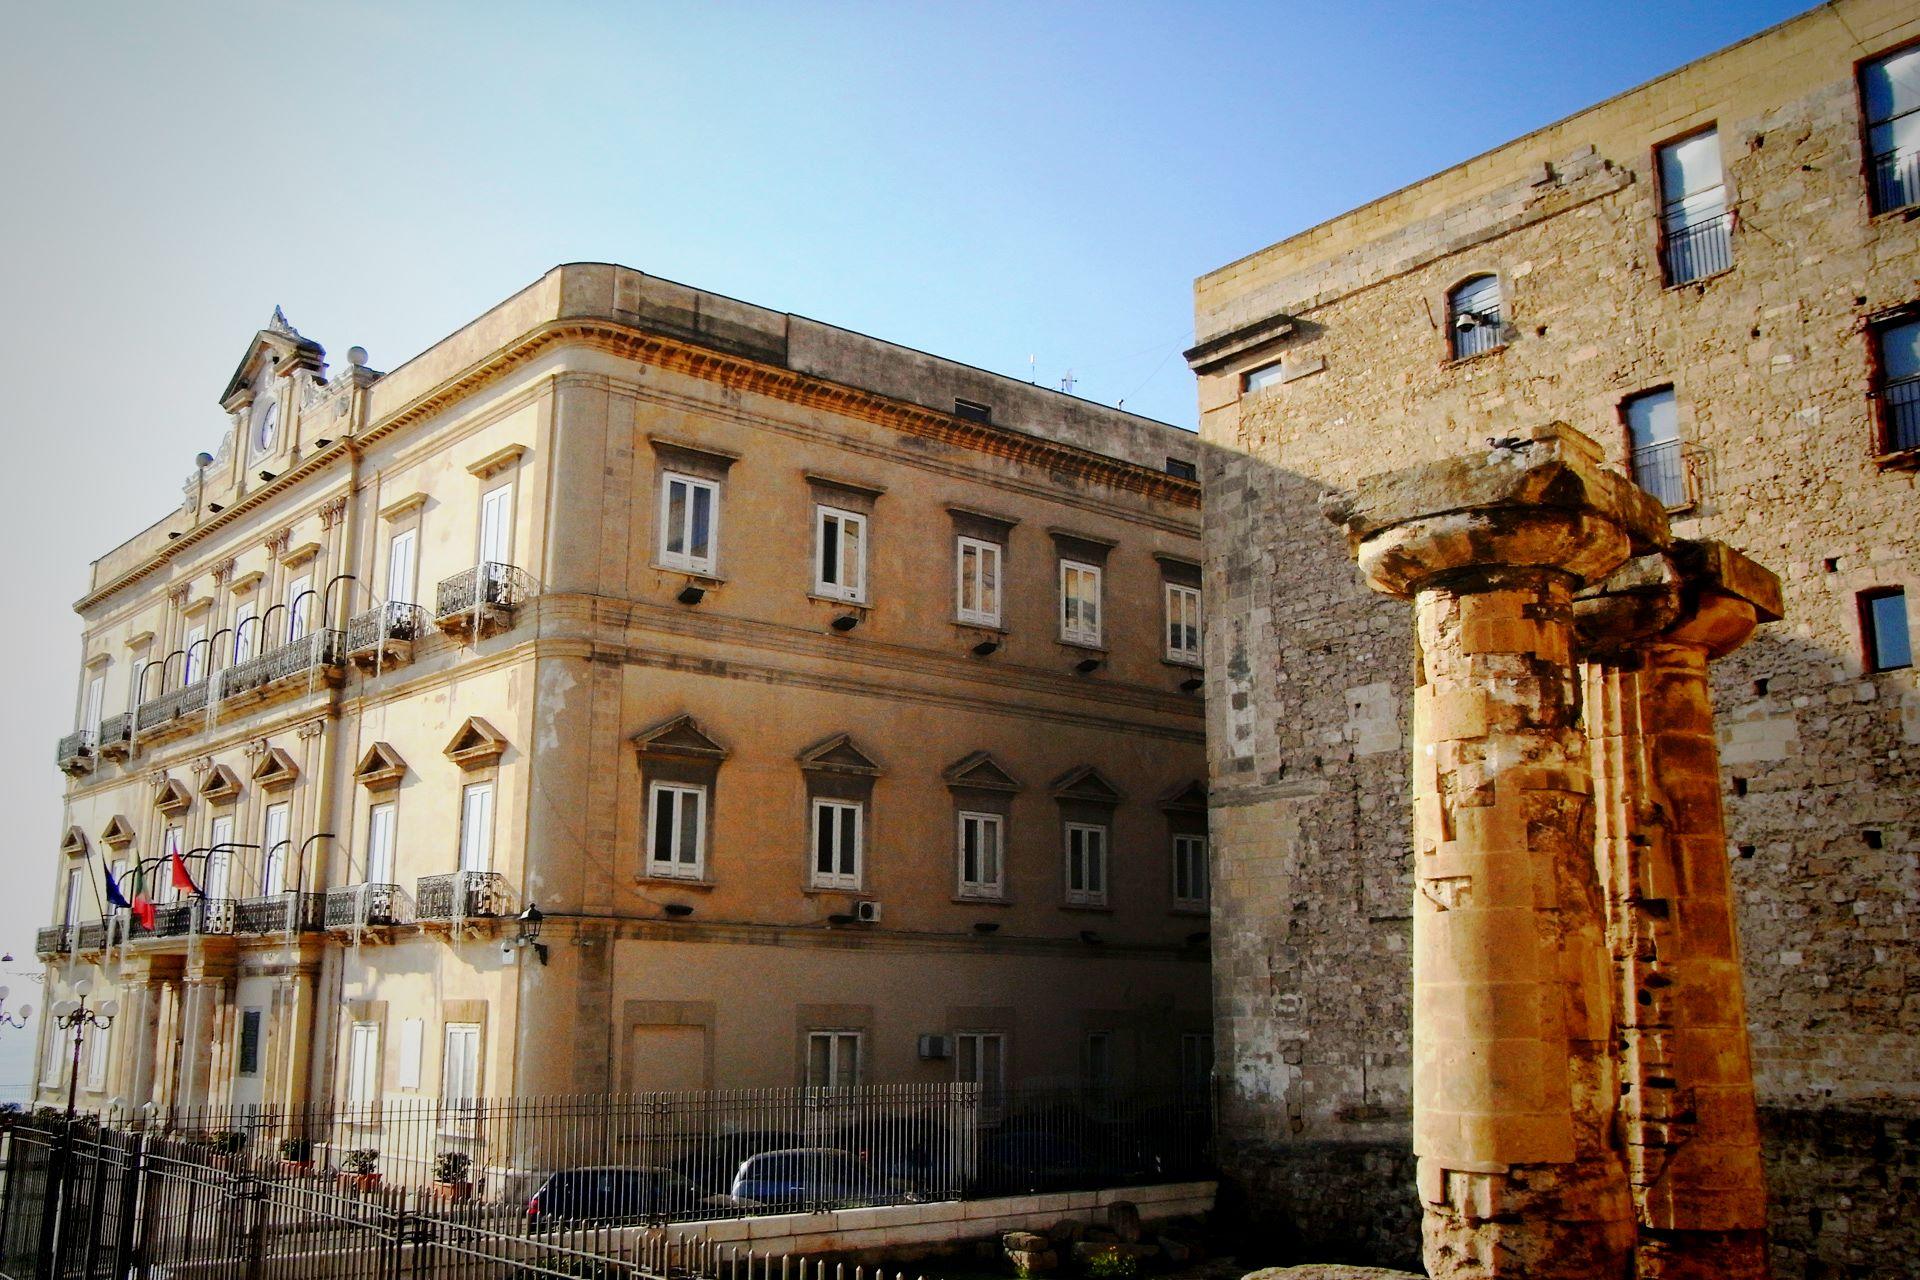 apulia slow travel colonne doriche magna grecia taranto architettura puglia apulien apulia dorische saeulen grossgriechenland grichische architektur greek architecture